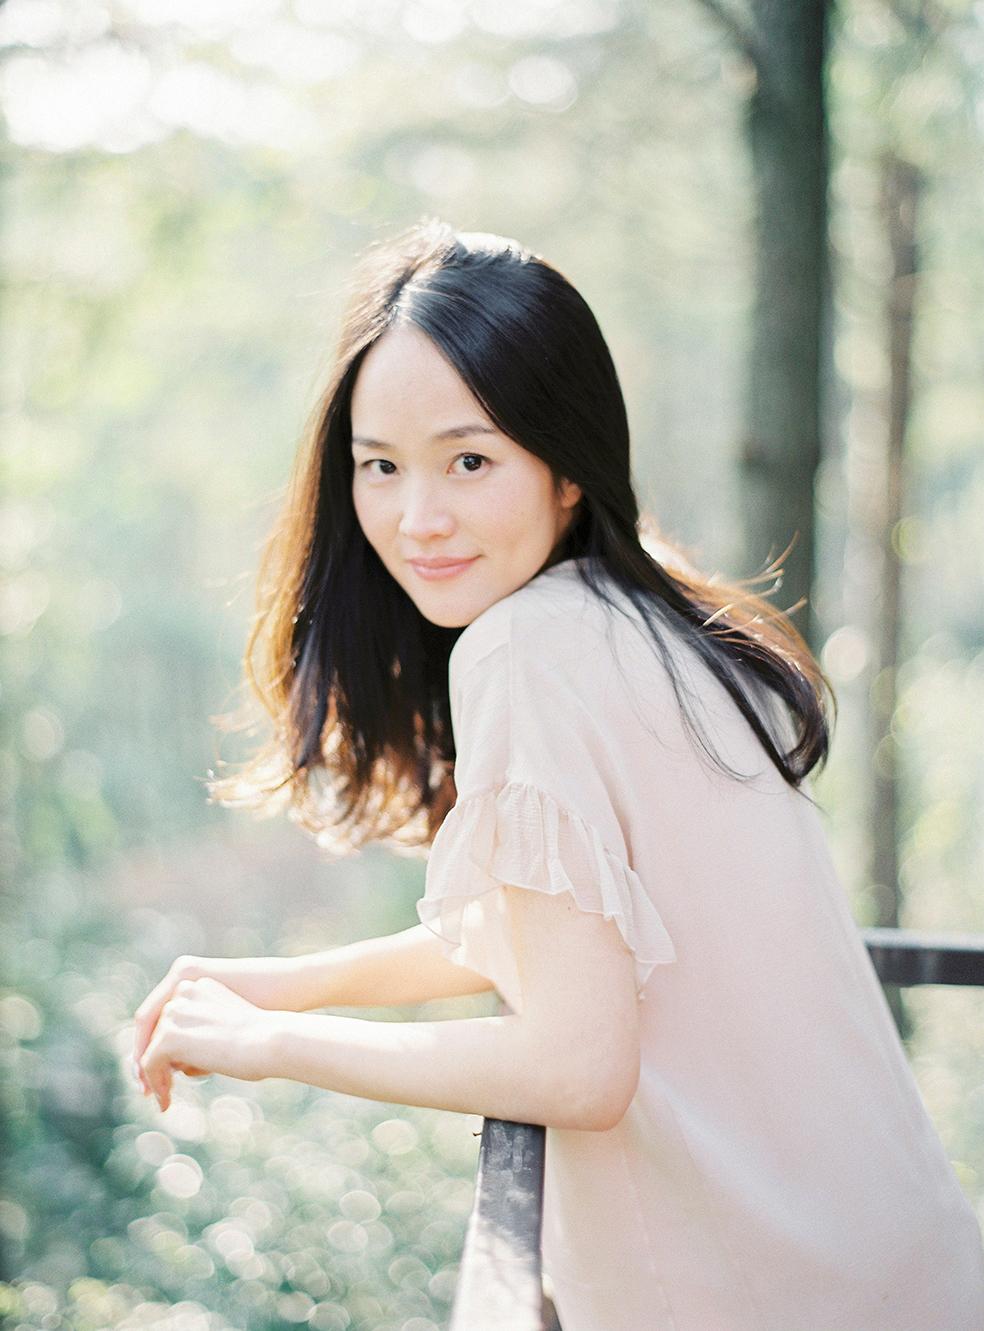 nastiavesna_china_26-1.jpg